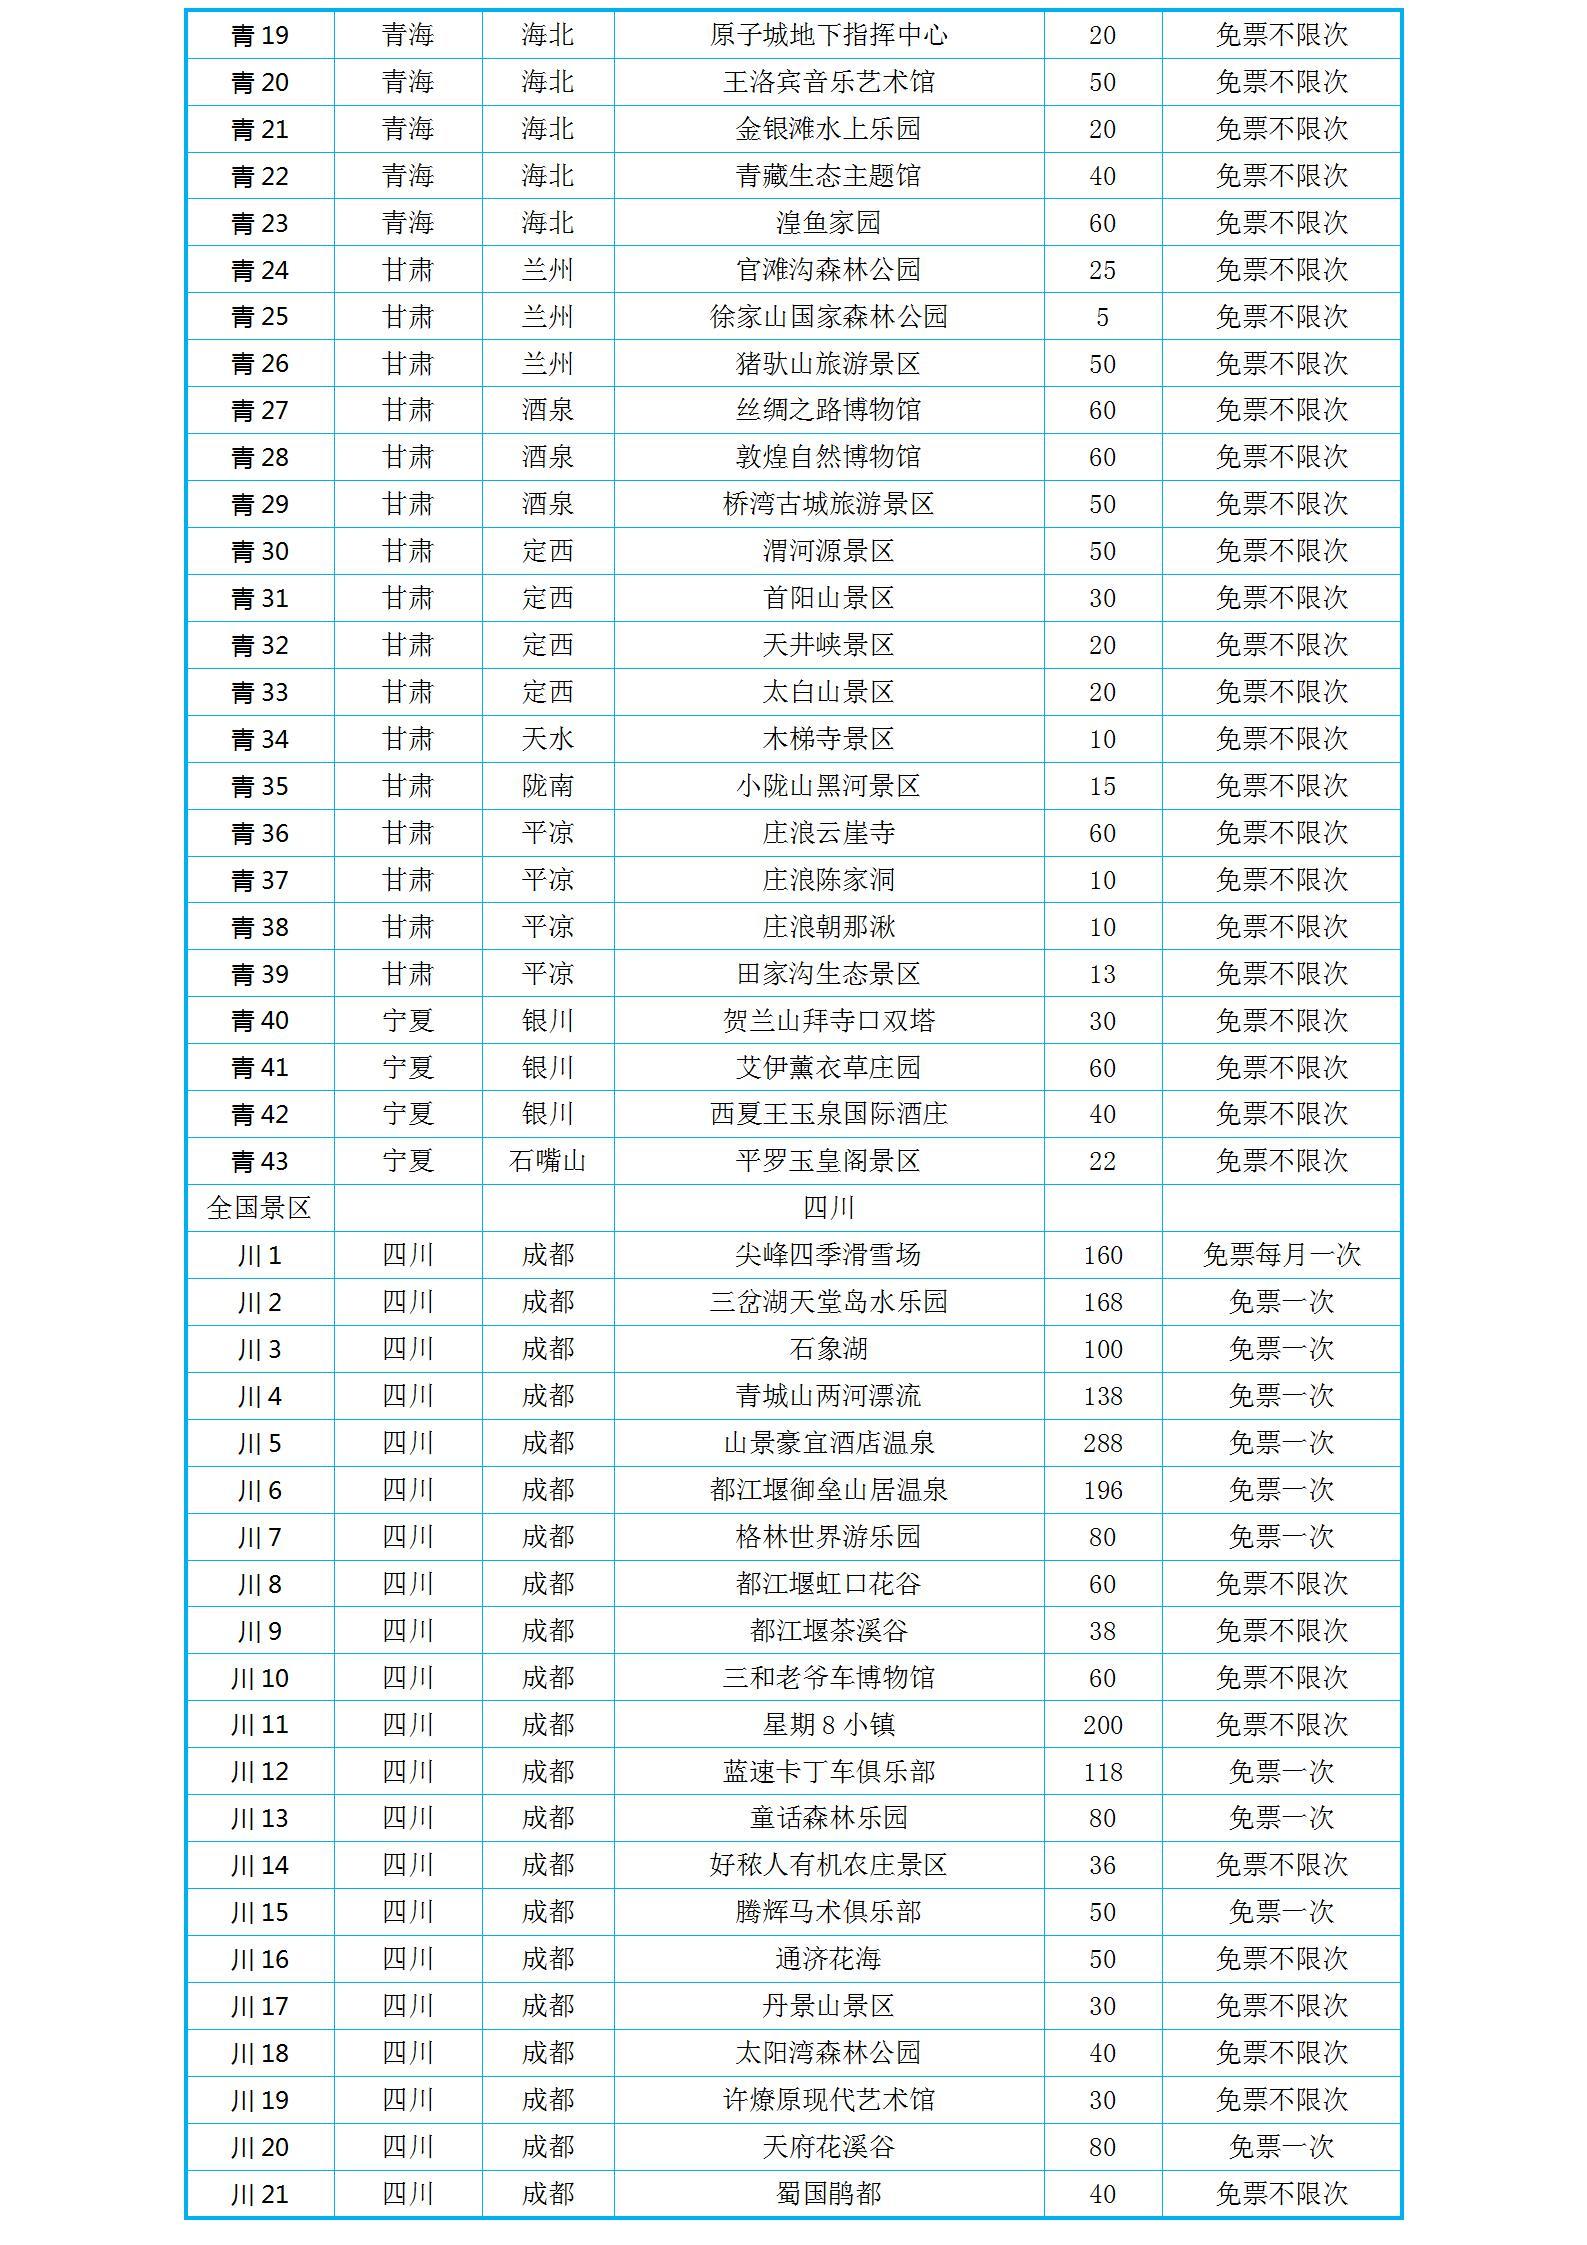 2019年锦绣江山全国旅游年票北京版场馆名单_18.jpg